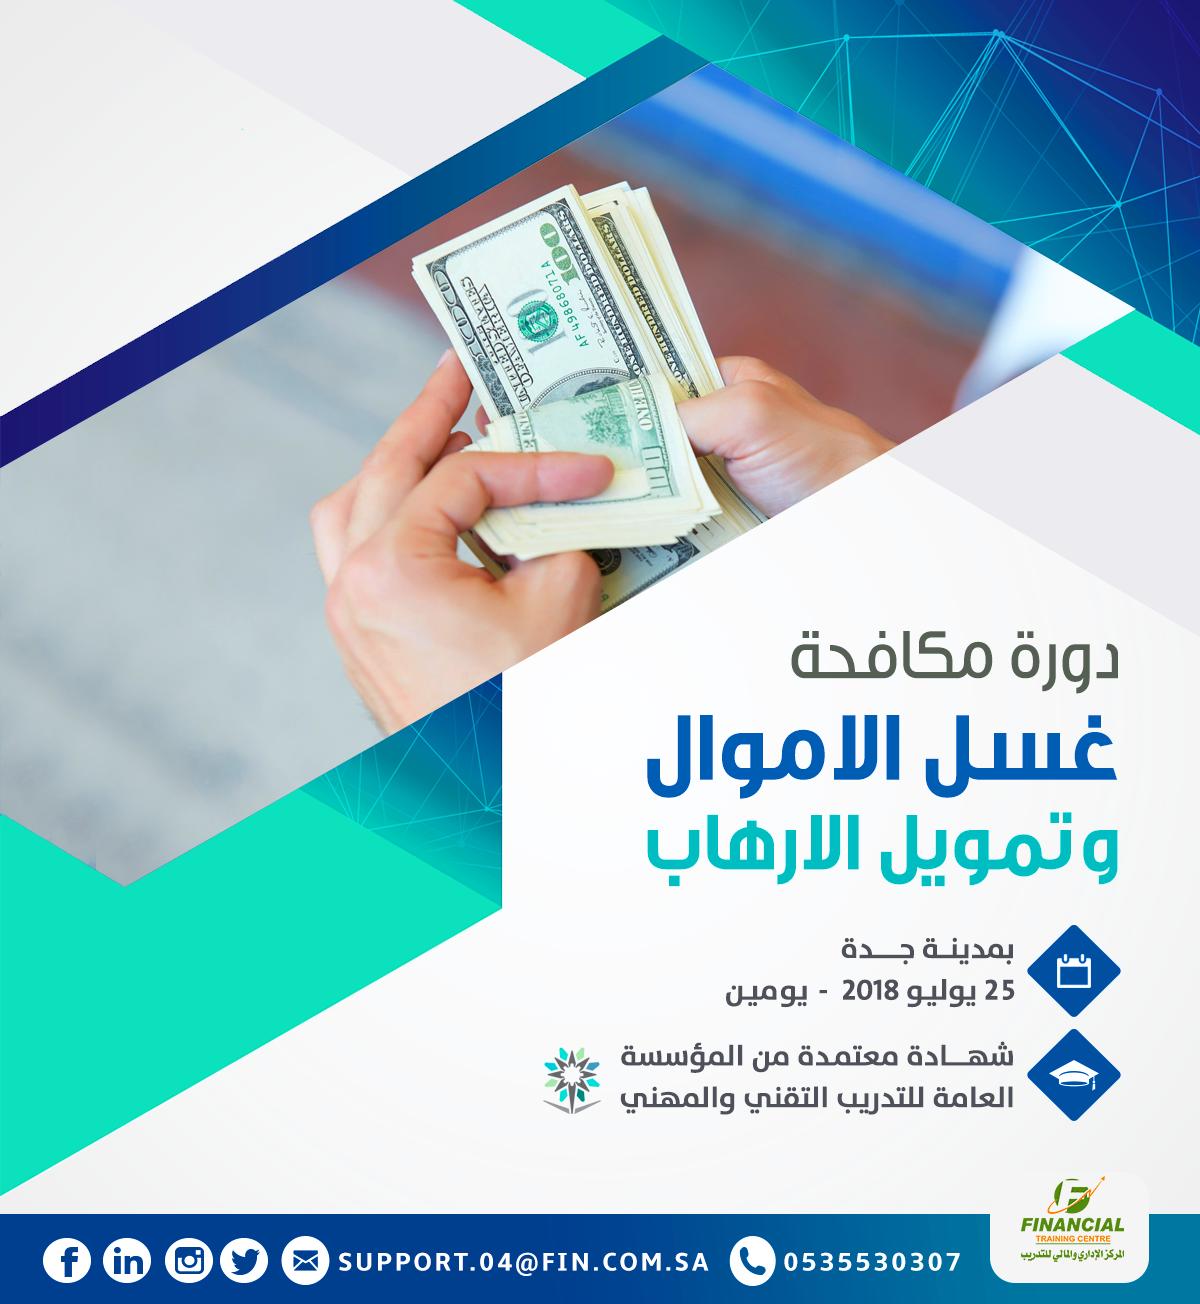 دورة مكافحة غسل الأموال و تمويل الإرهاب Anti Money Laundering Course 25 يـوليو 2018 جدة لمدة يومان آراء متدربين Monopoly Deal Financial Airline